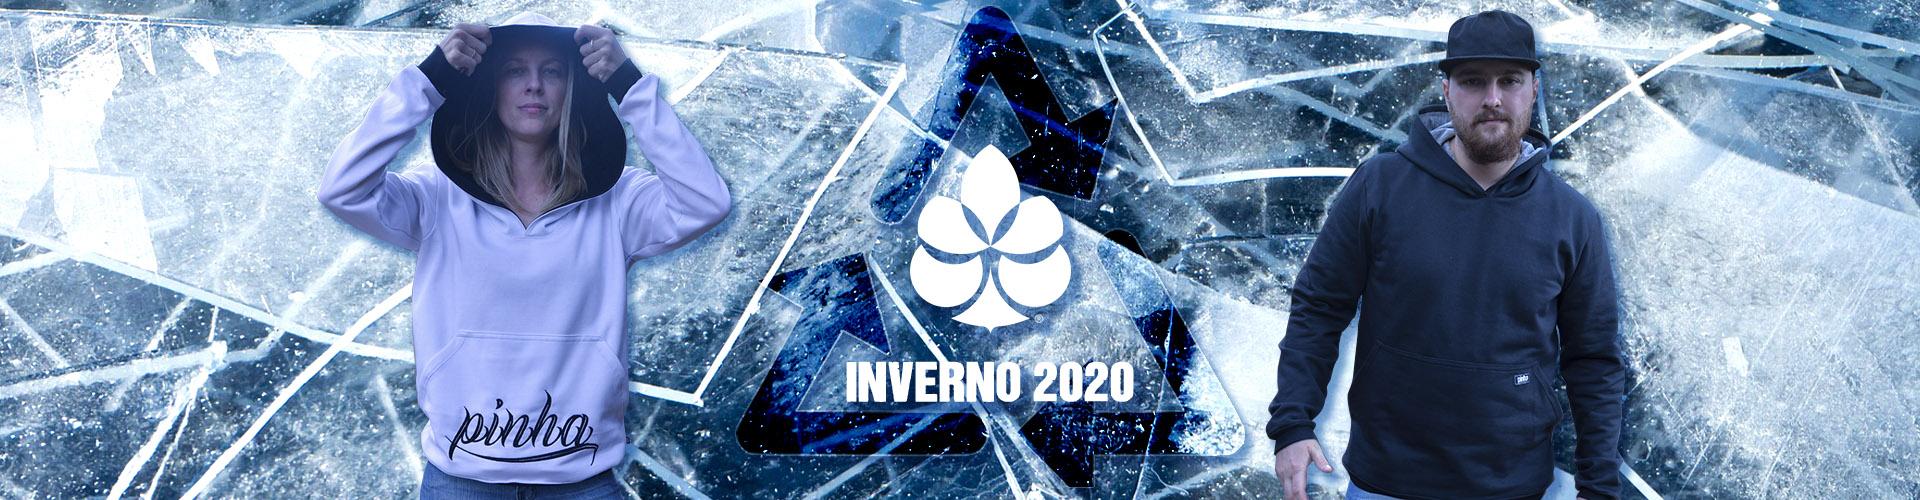 INVERNO 2020 a